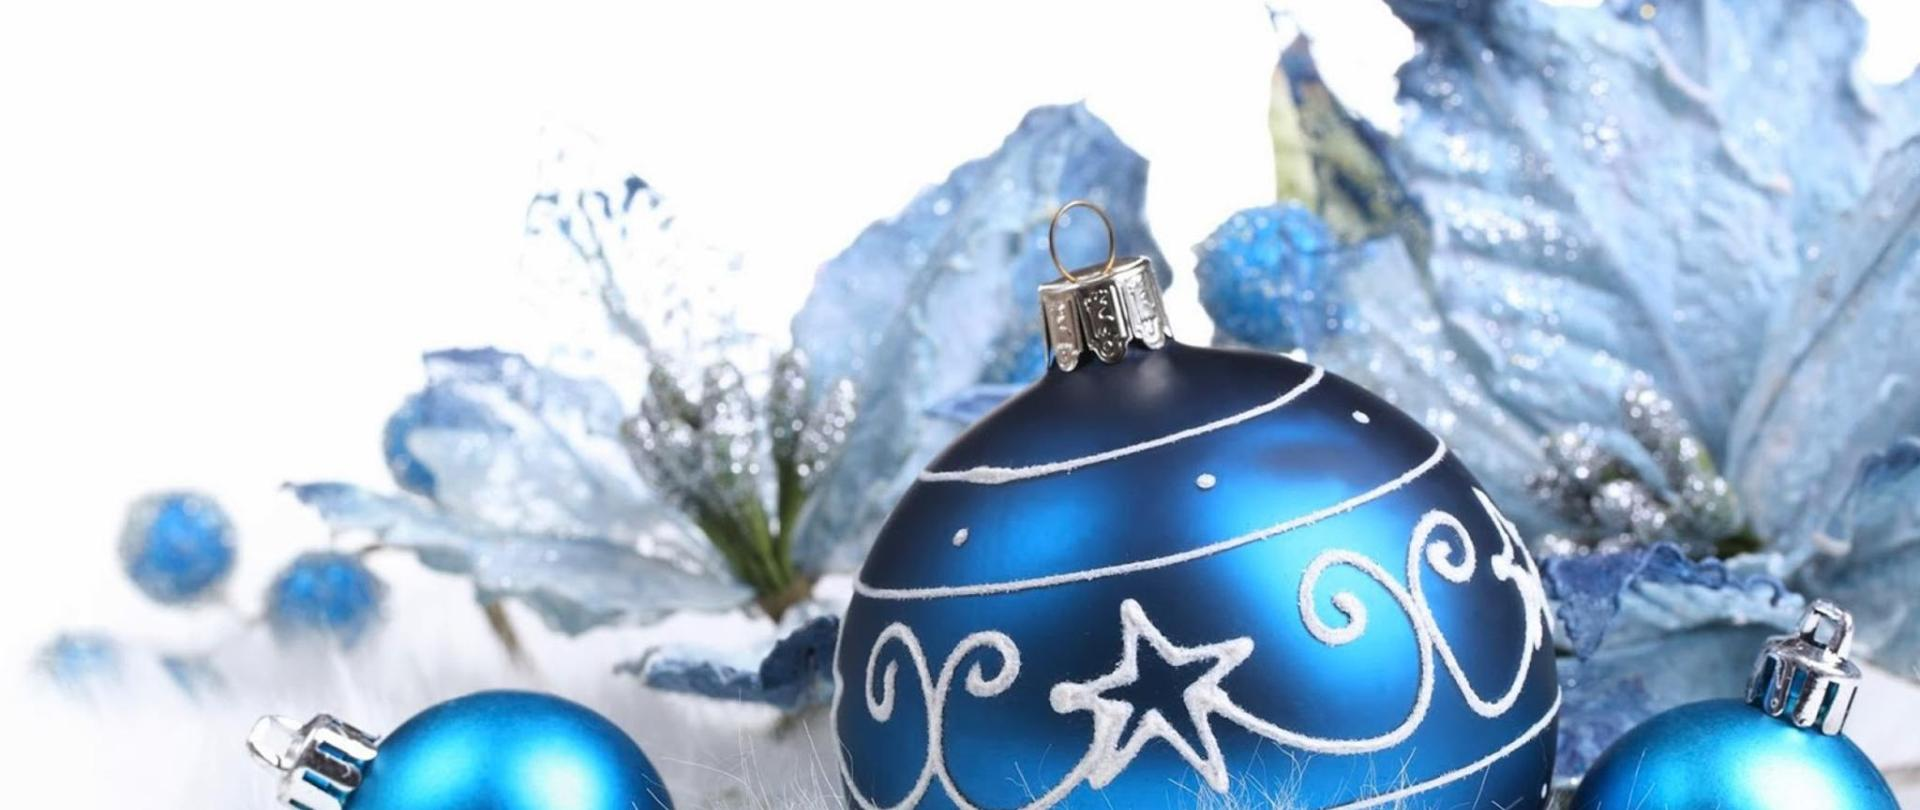 navidad gris azul clarito grande.jpg